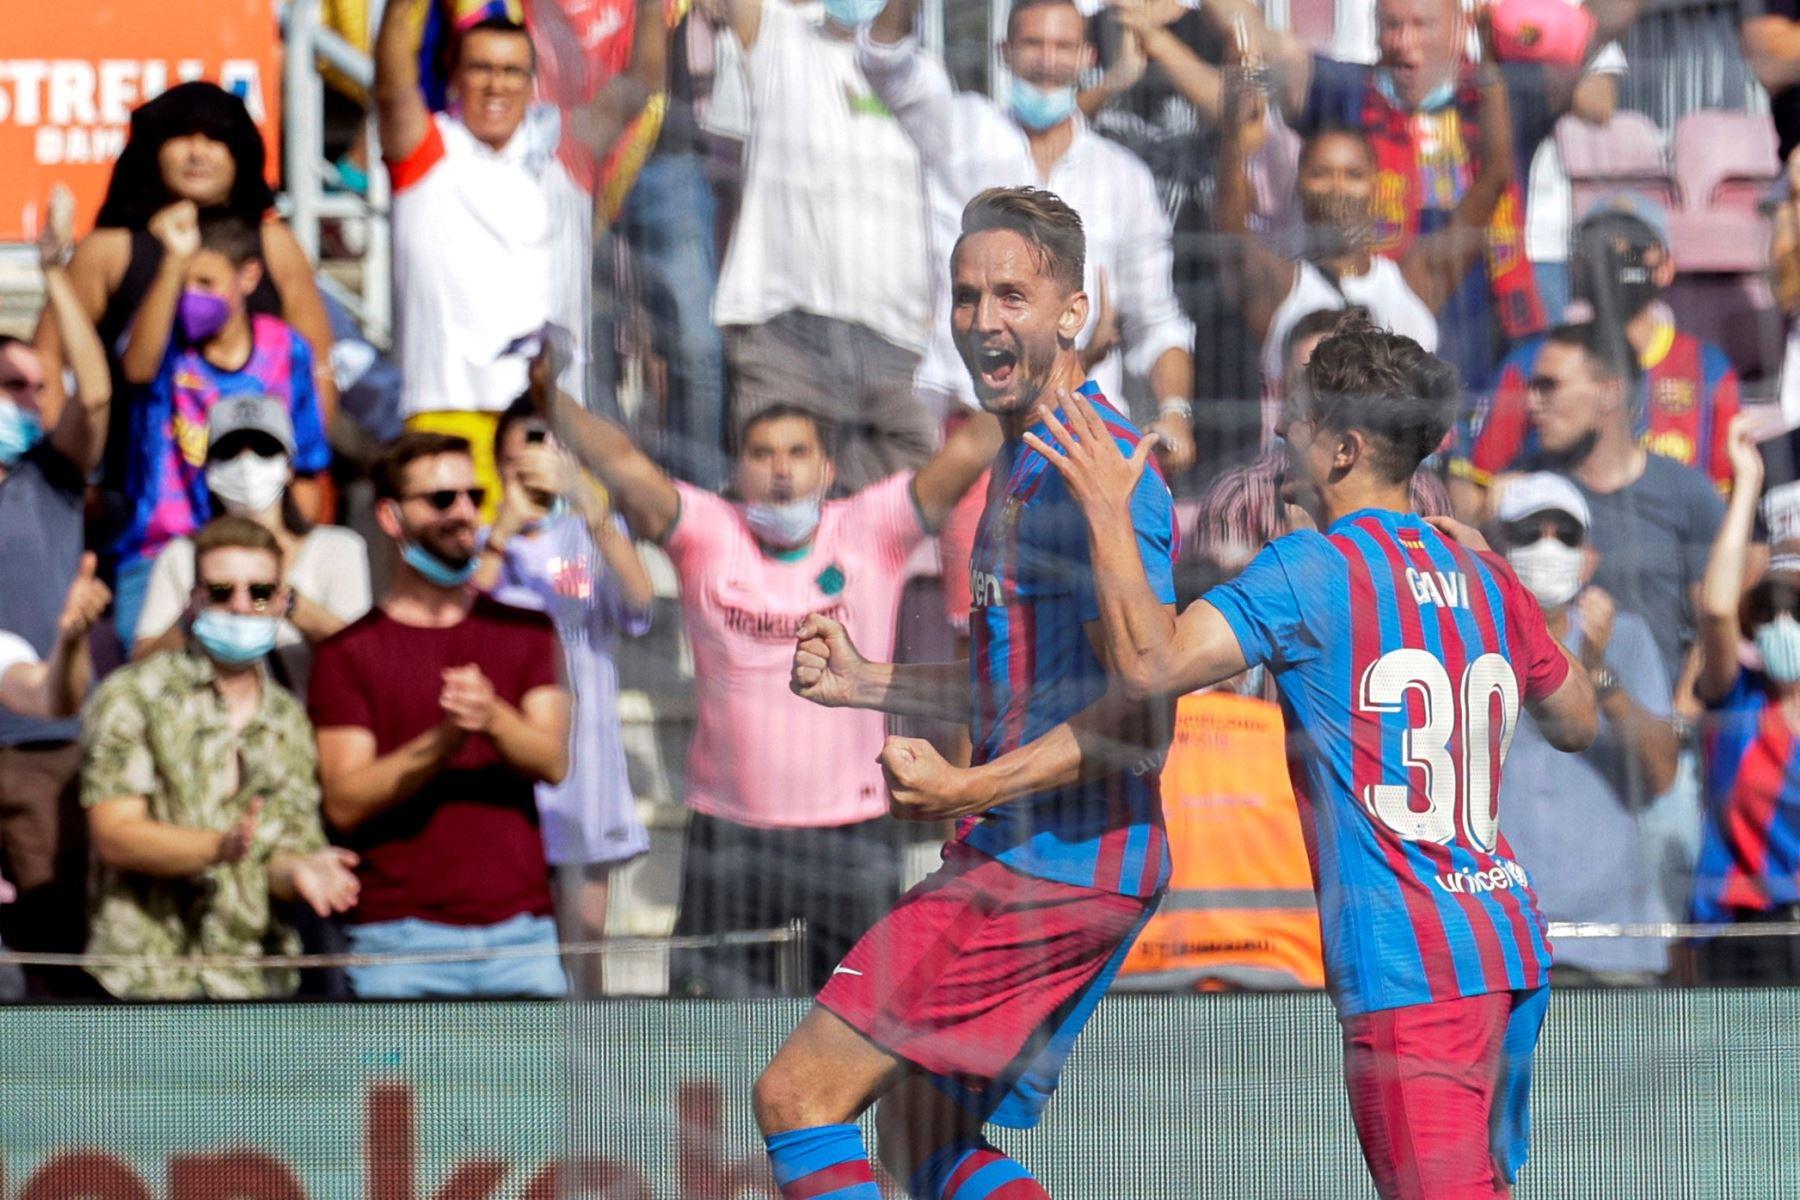 El holandés del Barcelona Luuk De Jong celebra con sus compañeros tras marcar el 2-0 durante el partido ante el Levante por la séptima jornada de LaLiga Santander, en el estadio Camp Nou. Foto: EFE